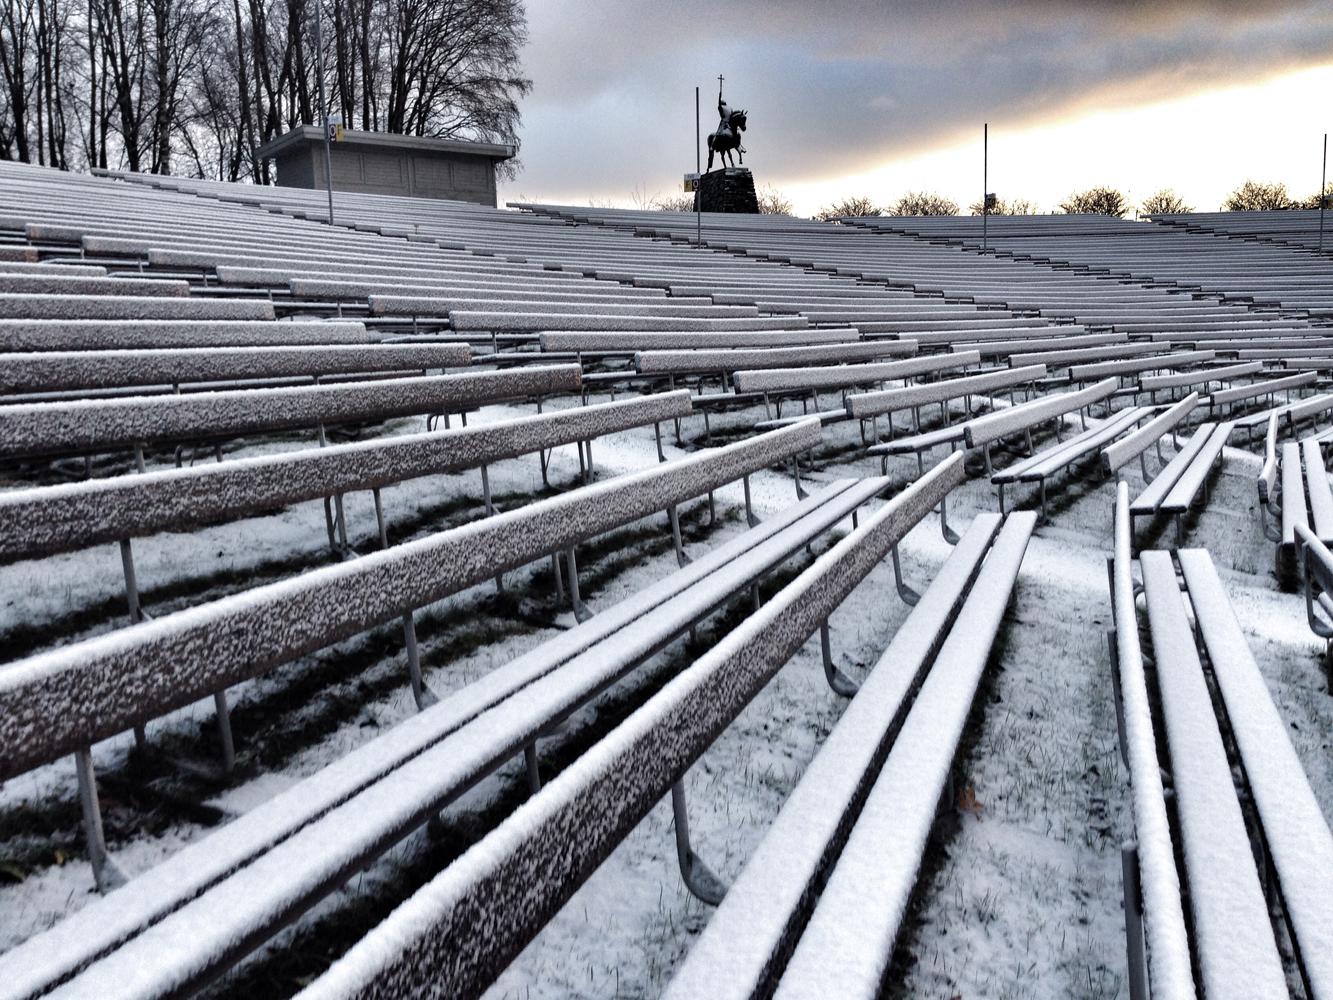 SOMMERSPEL: Amfiteateret, hvor Spelet om Olav den heilge spilles hver sommer.